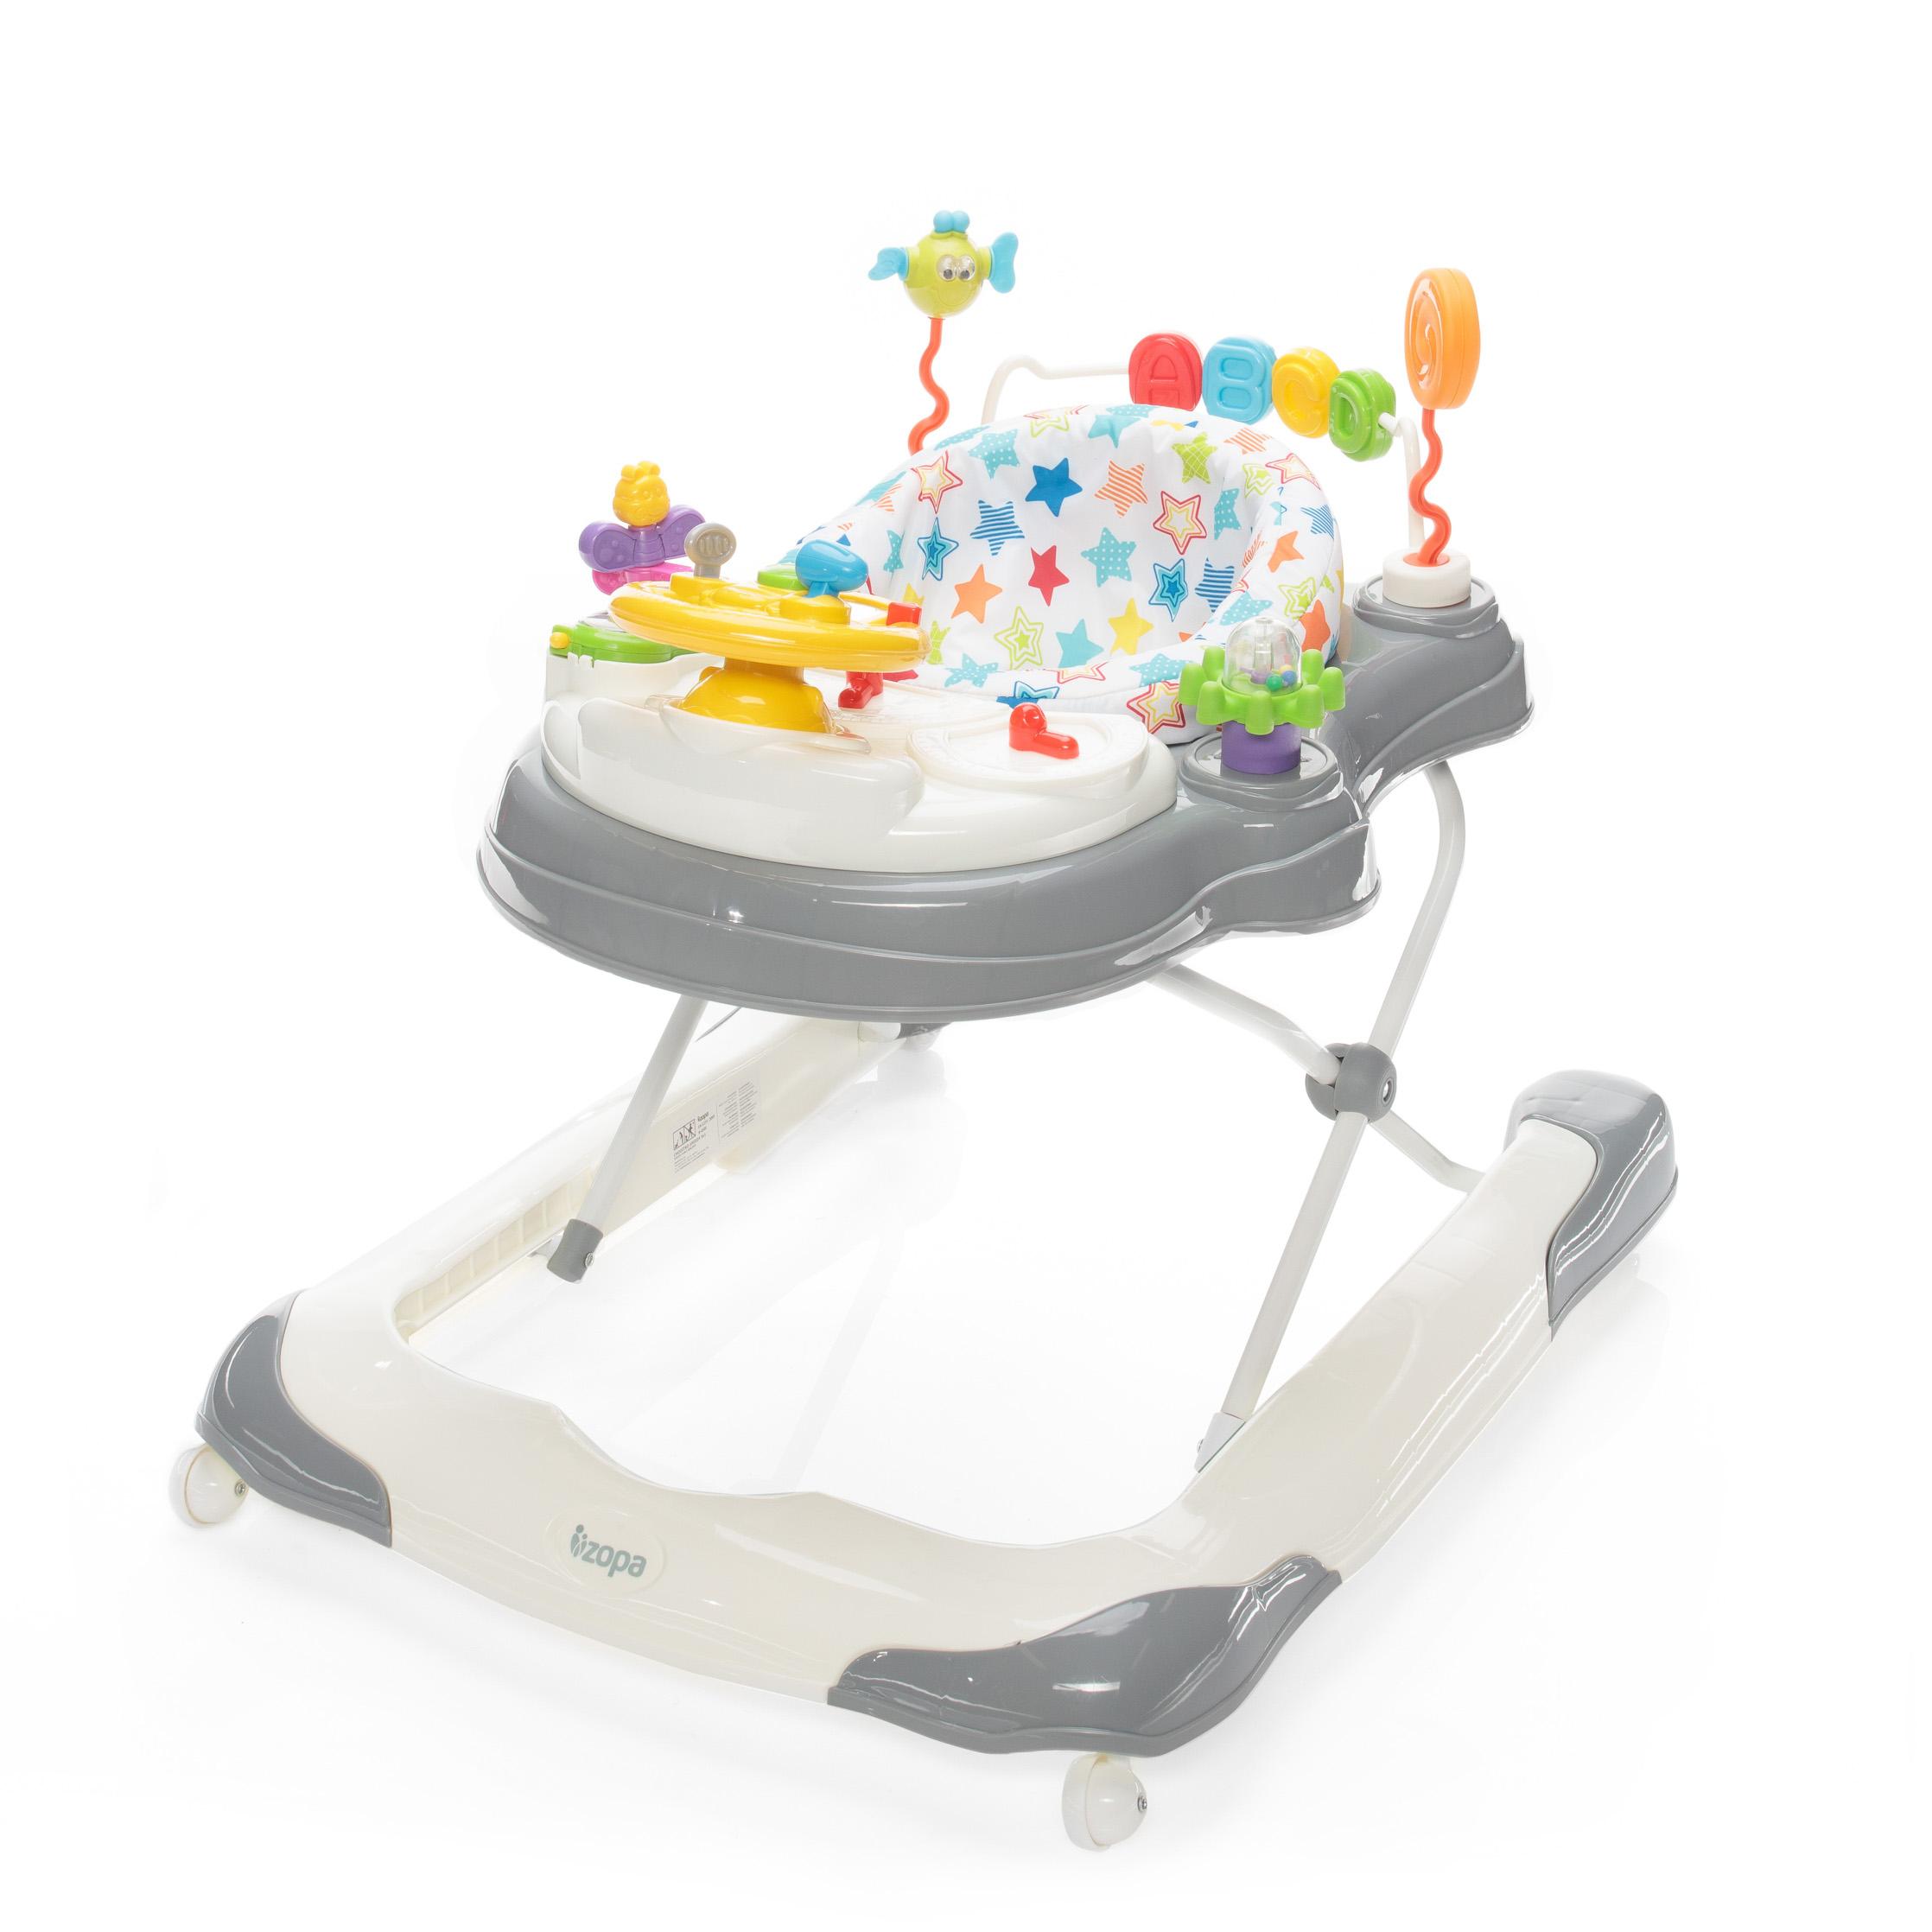 Dětské chodítko Moby 3v1, Mirage Grey